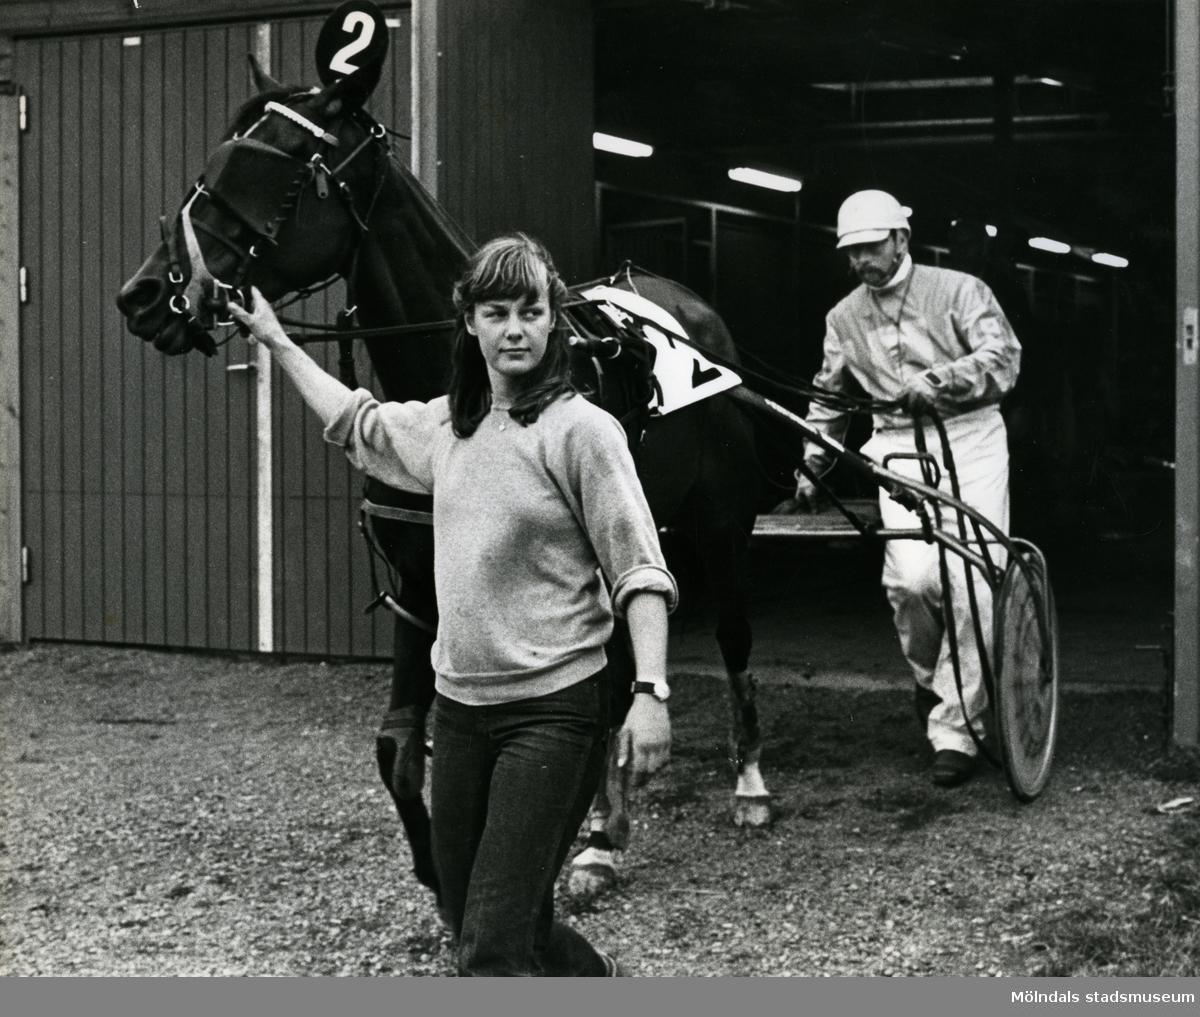 Björn Lindblom, travtränare från Värmland &  hästskötaren Tina utanför sommarstallet på Åby Stallbacke.   Blandade bilder inslamlade i samband med dokumentation av Åby Stallbackeoch Stallgårdarna 2015.